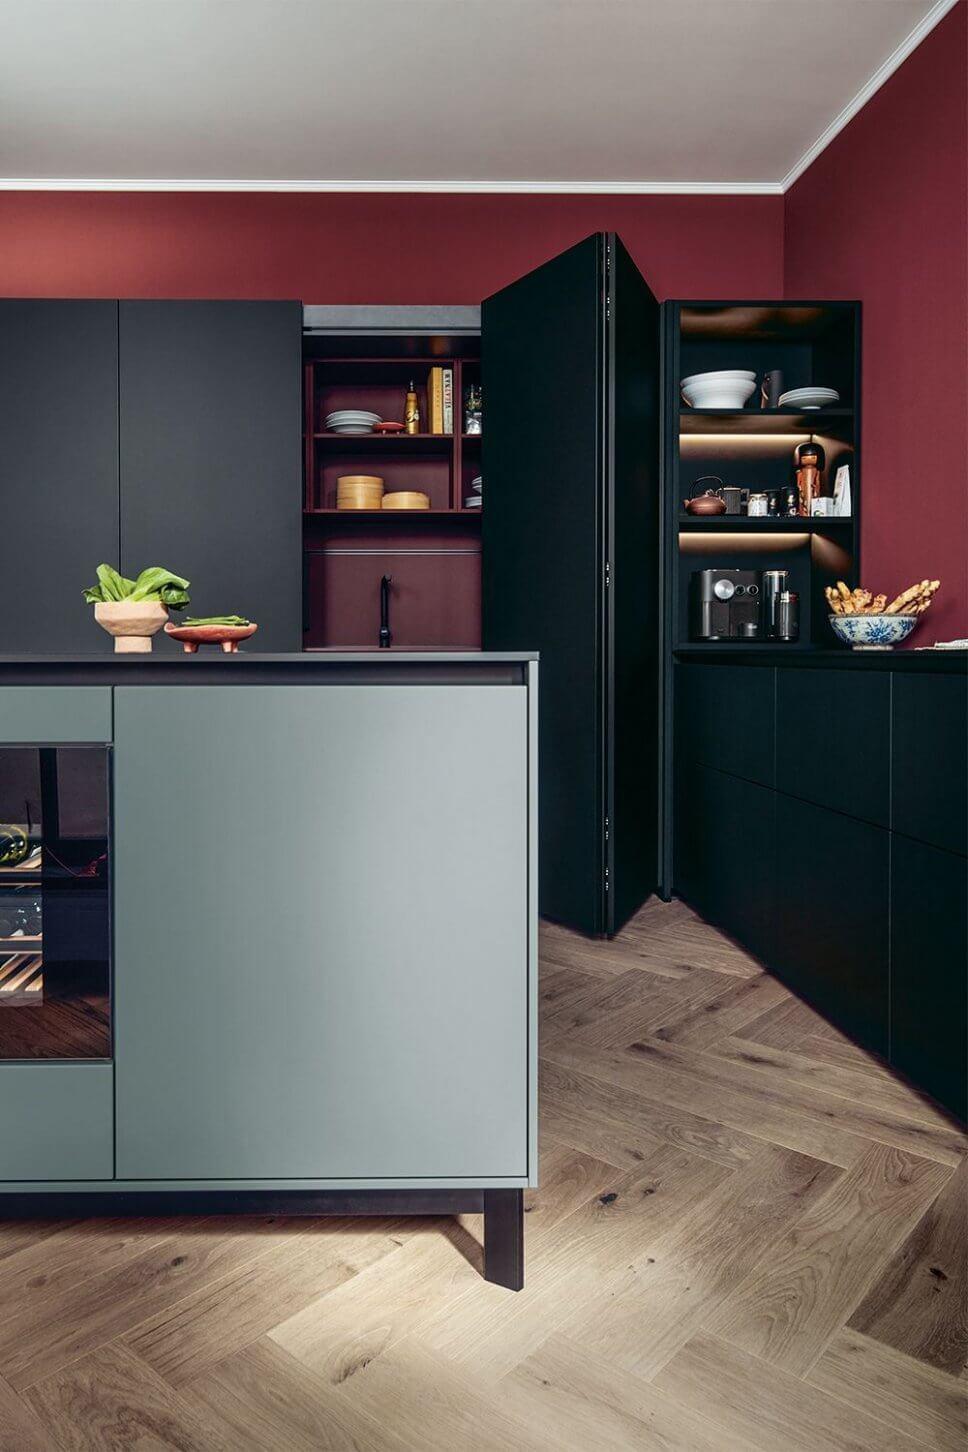 Moderne offene Küche mit Kochbereich hinter geöffneten Falttüren und Kücheninsel